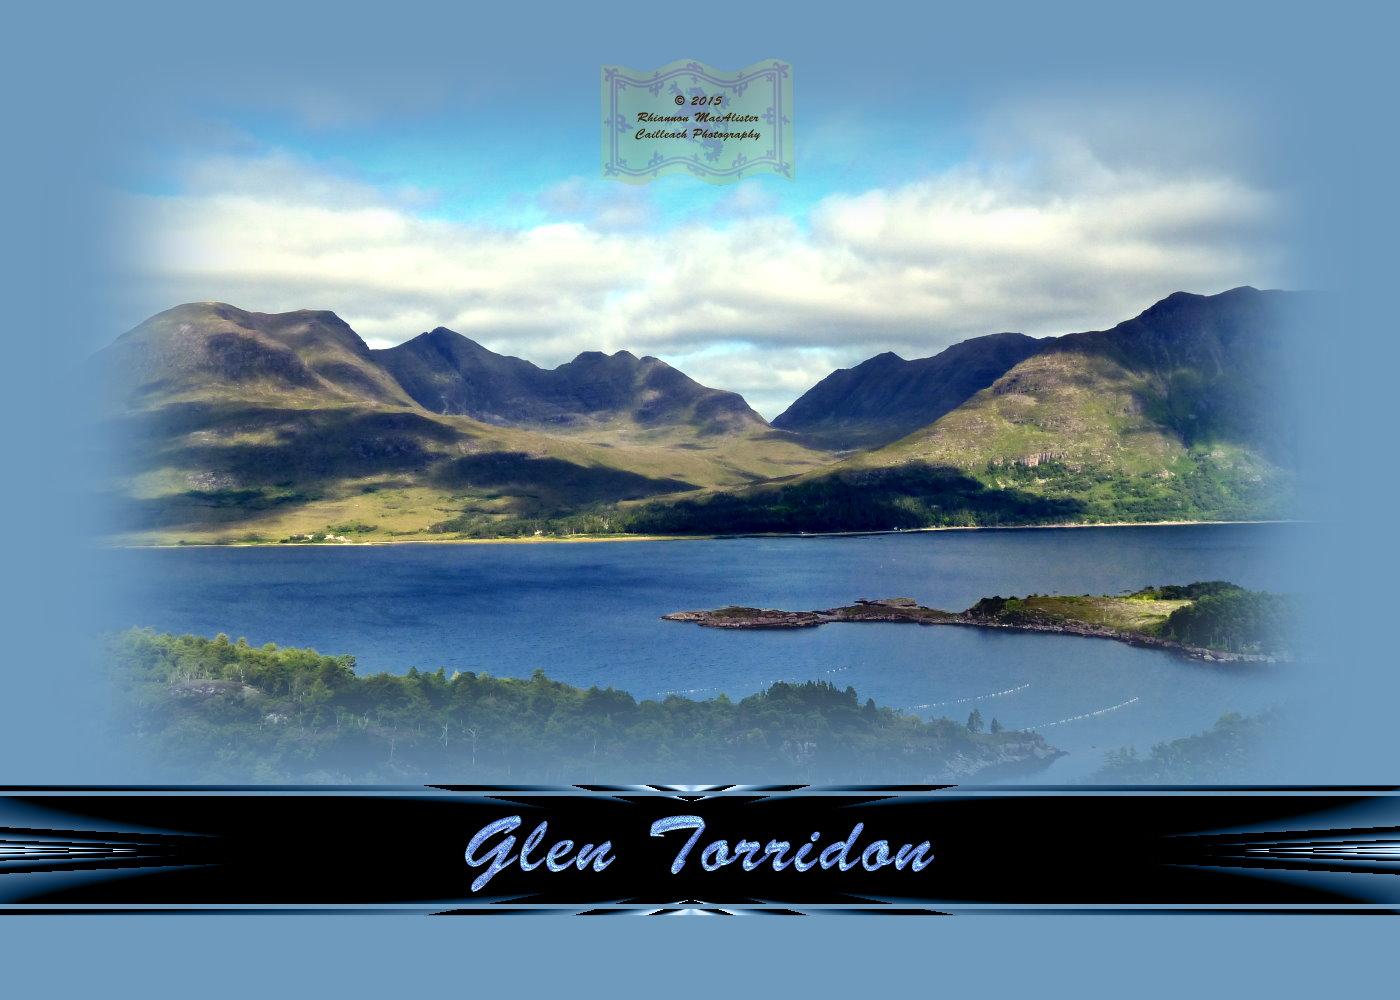 Glen Torridon